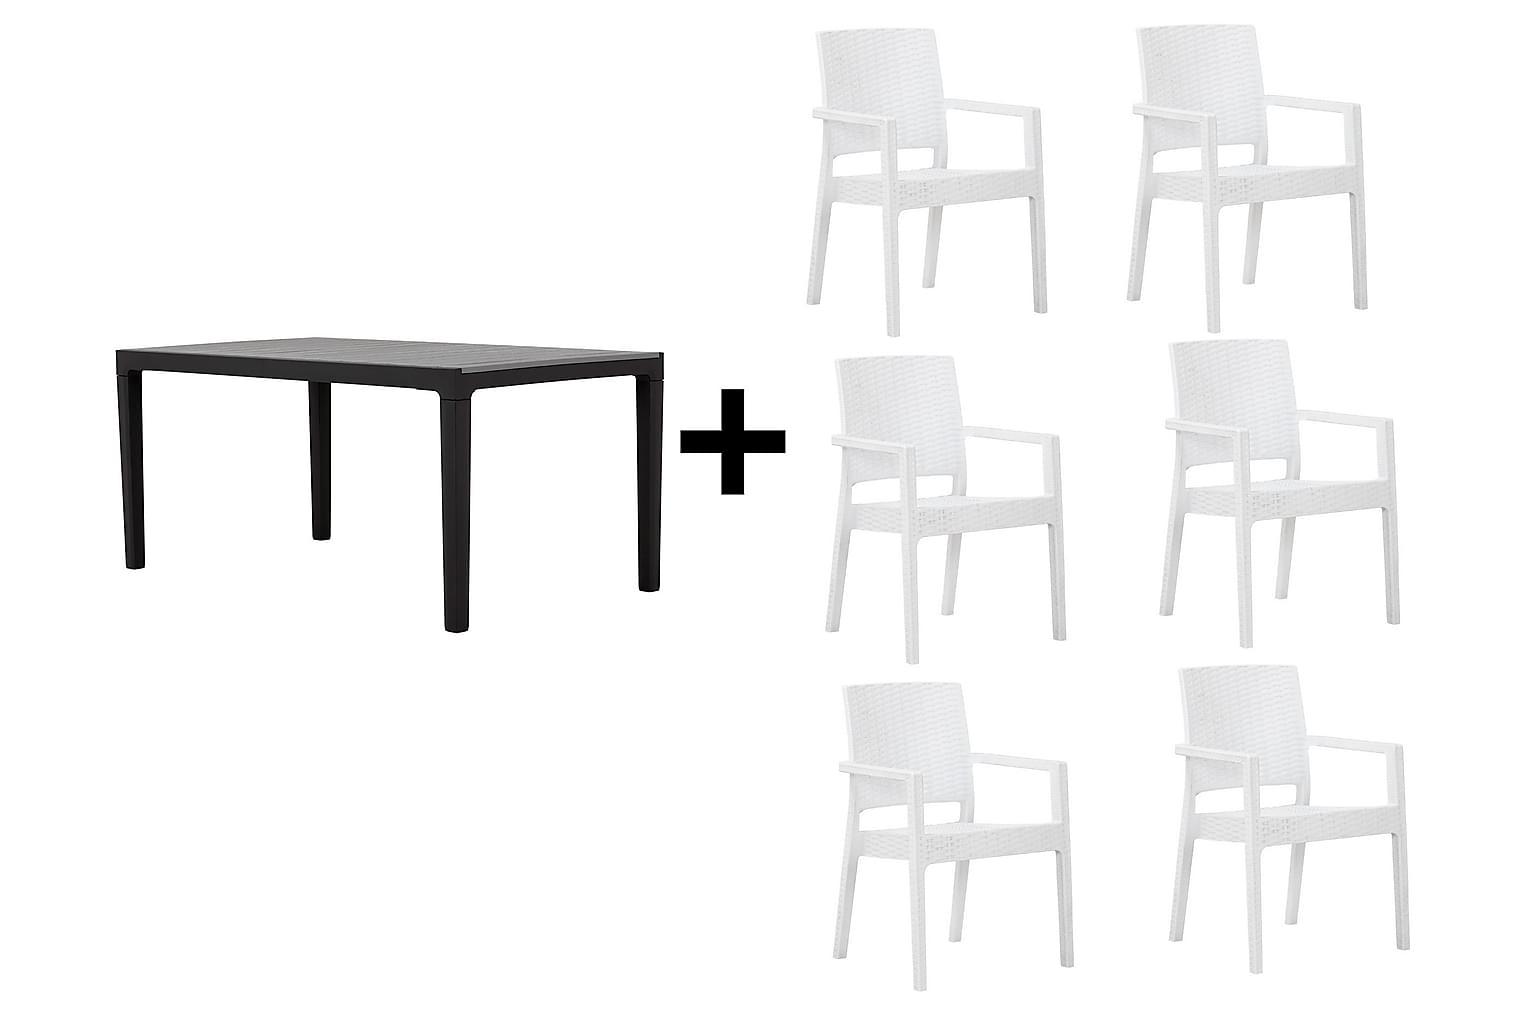 BILBAO Pöytä 160 Harmaa/Musta + 6 LEORA Karmituolia Valkoine